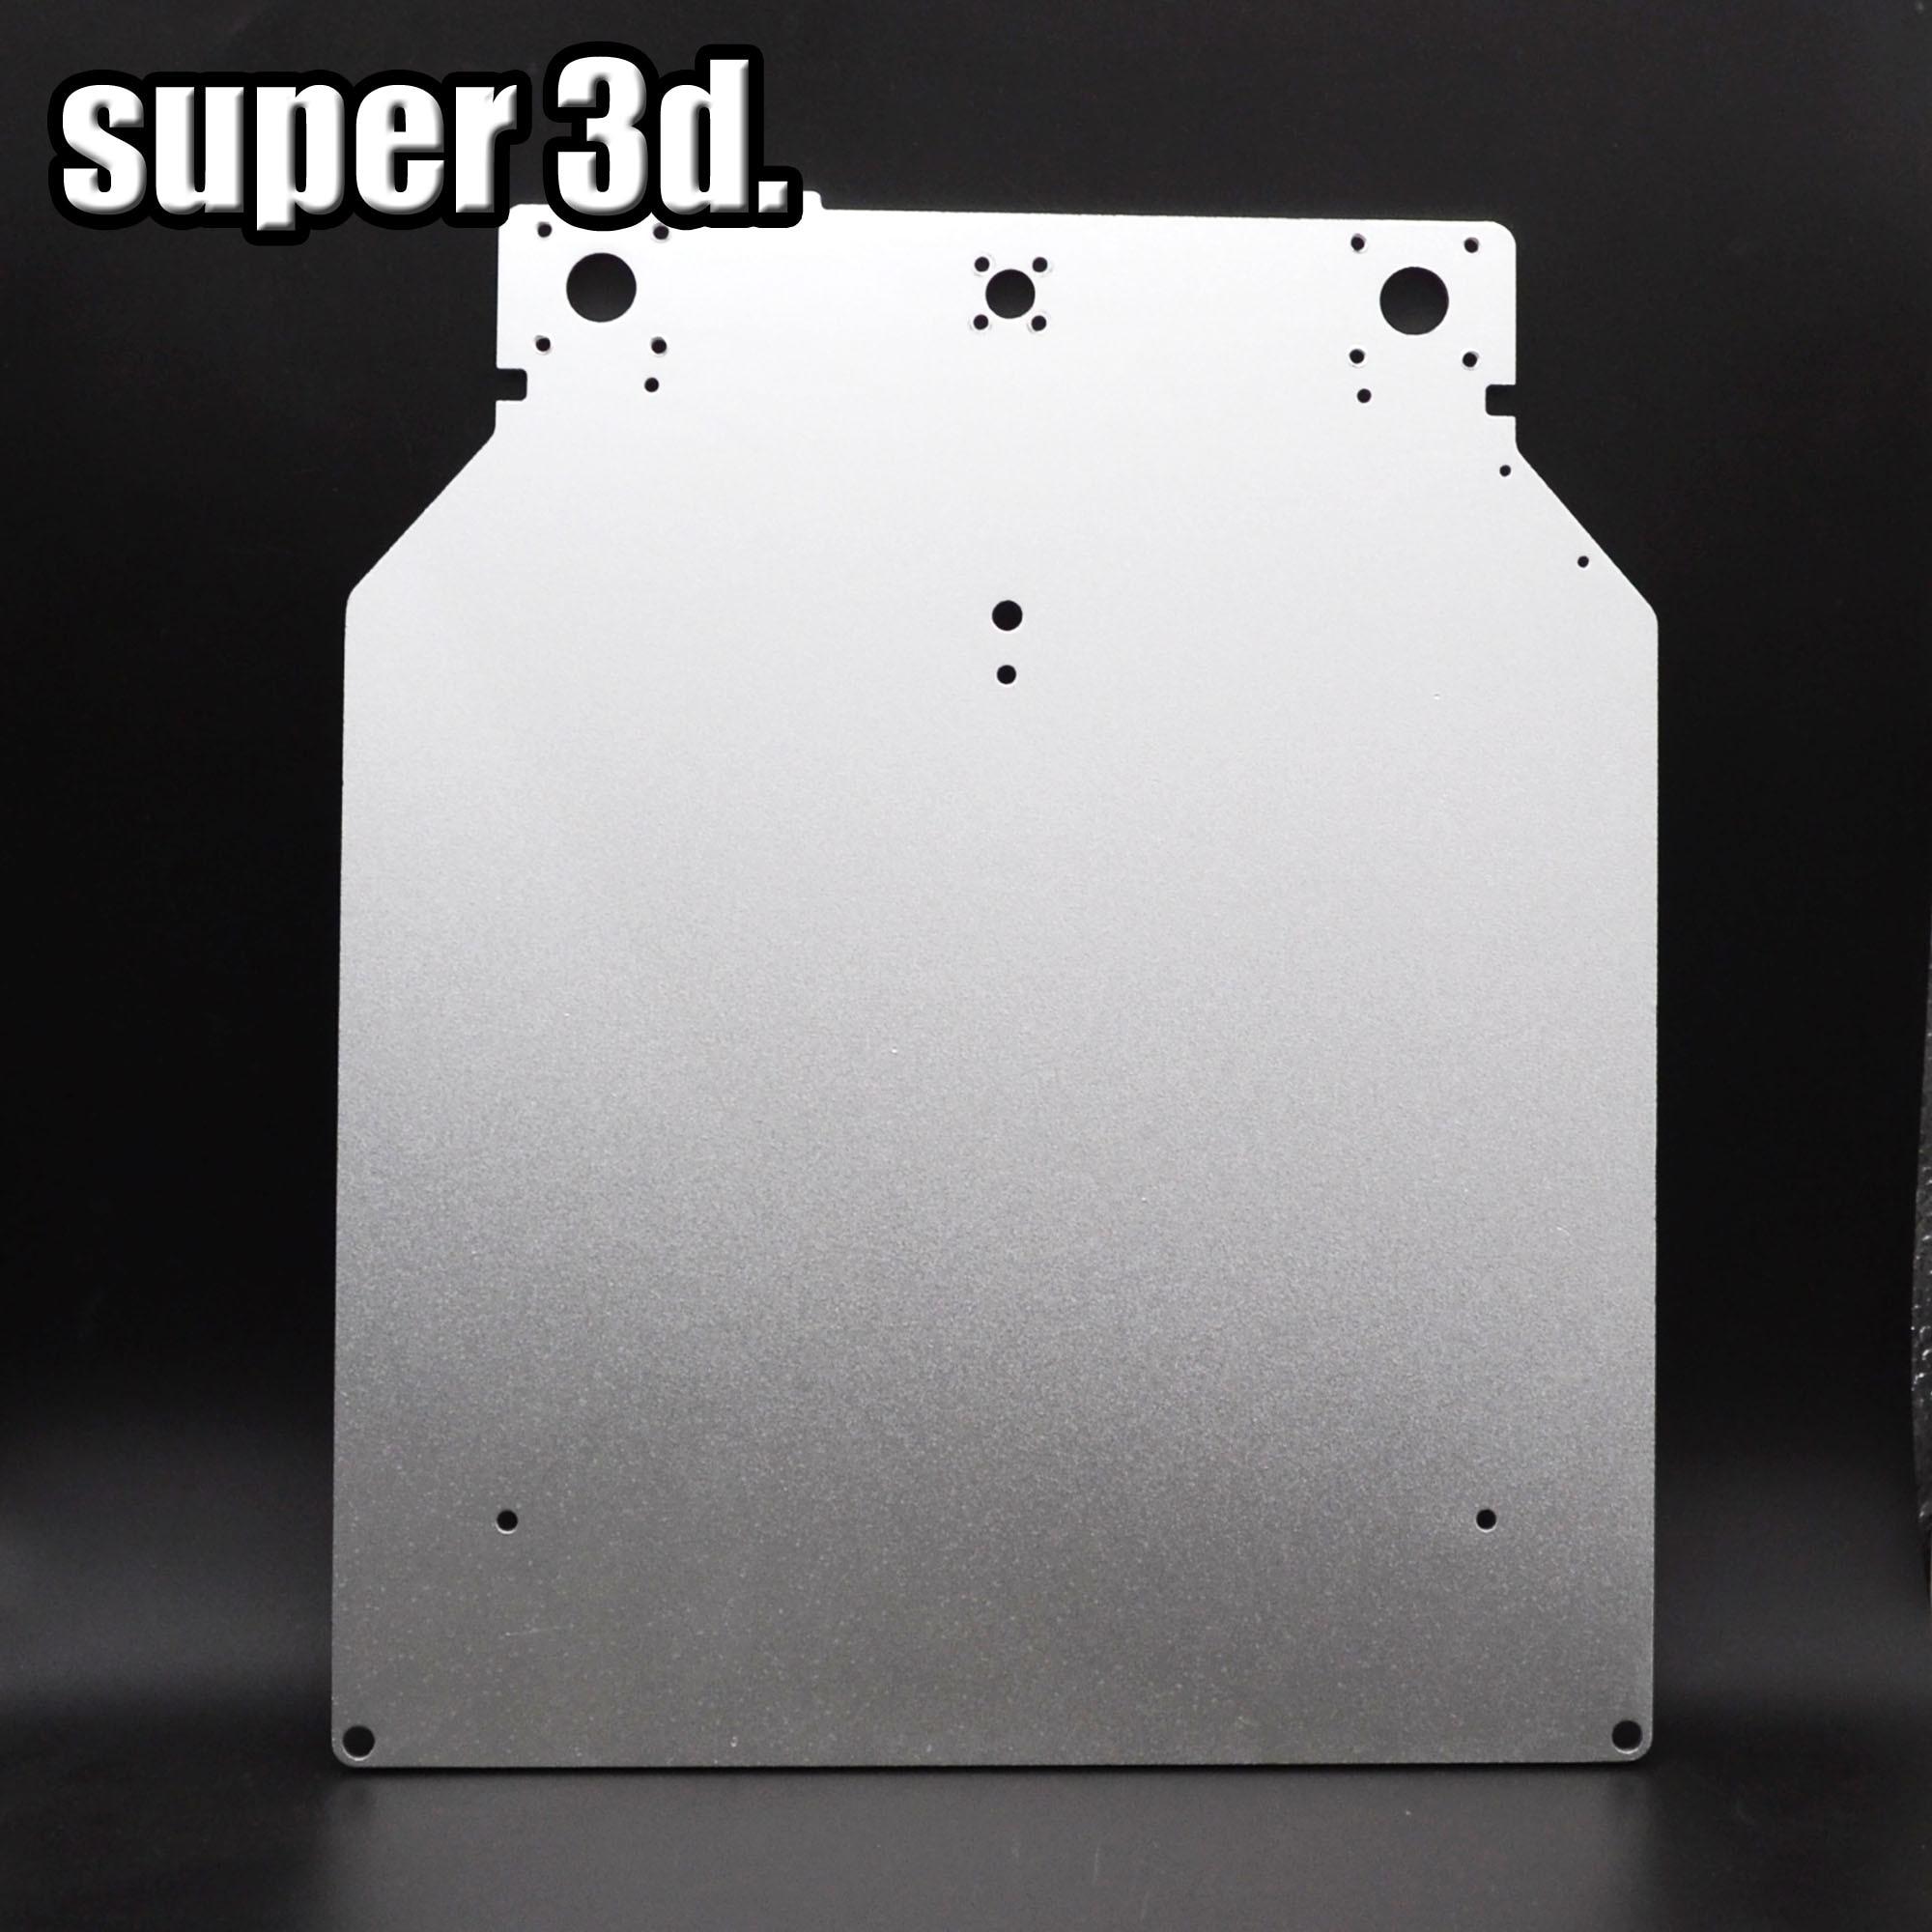 Impresora Ultimaker 2 UM2 Z الجدول قاعدة لوحة منصة دعم الألومنيوم الحرارة السرير لوحة ل طابعة ثلاثية الأبعاد أجزاء